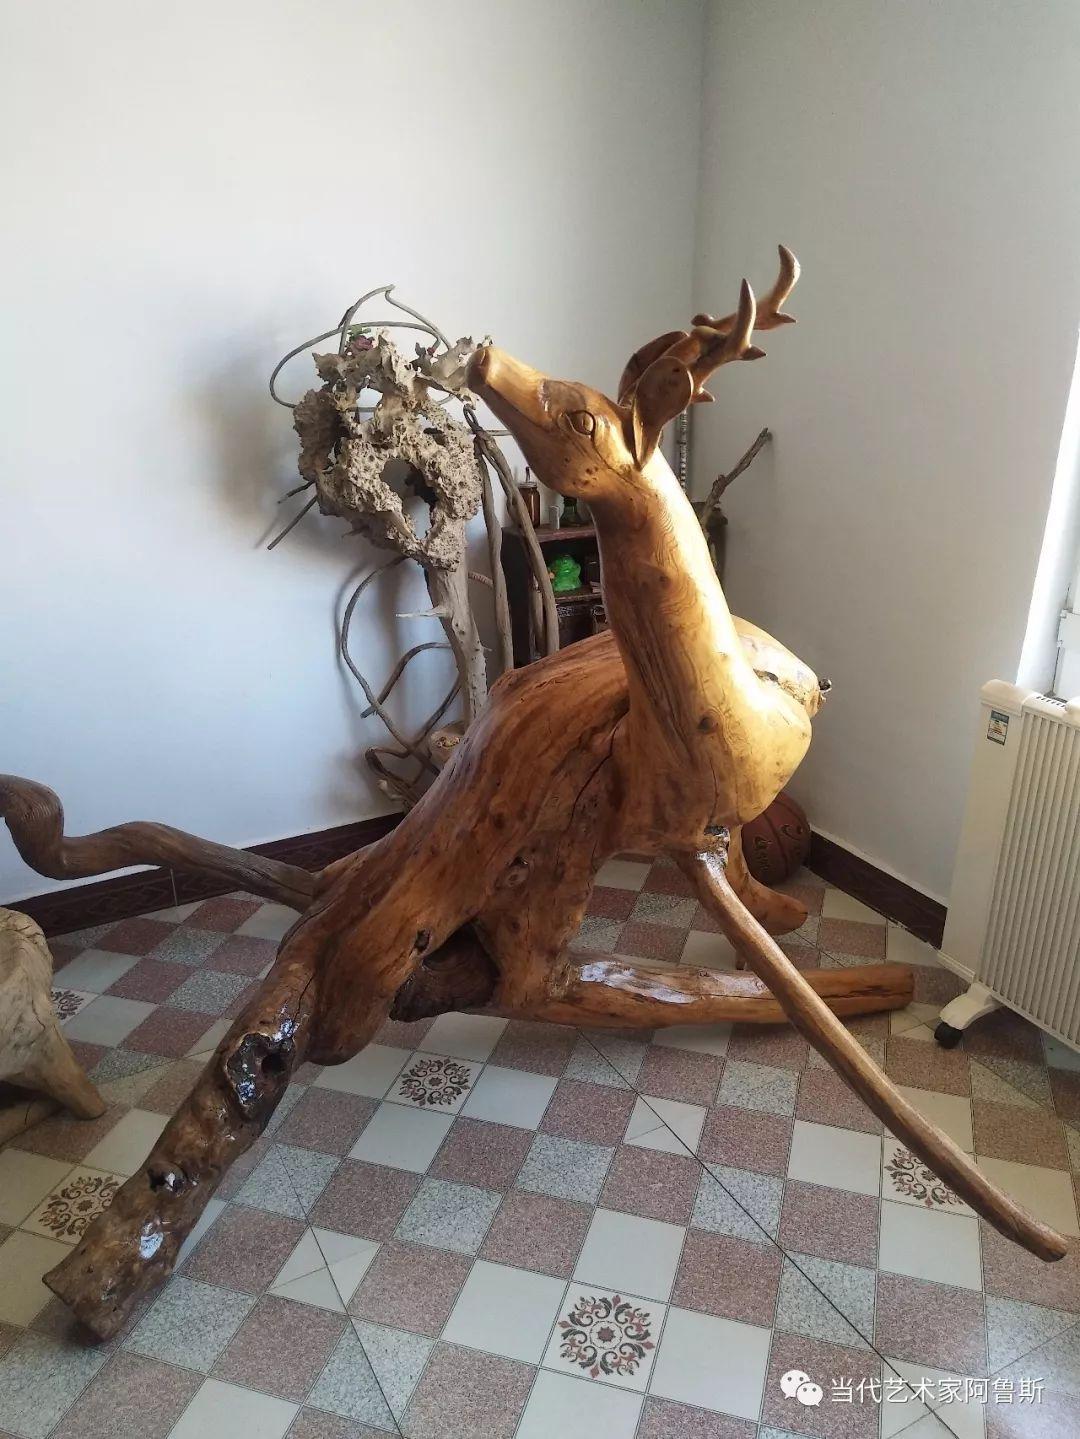 锡林郭勒草原民间艺人阿拉腾敖都的根雕艺术作品欣赏 第11张